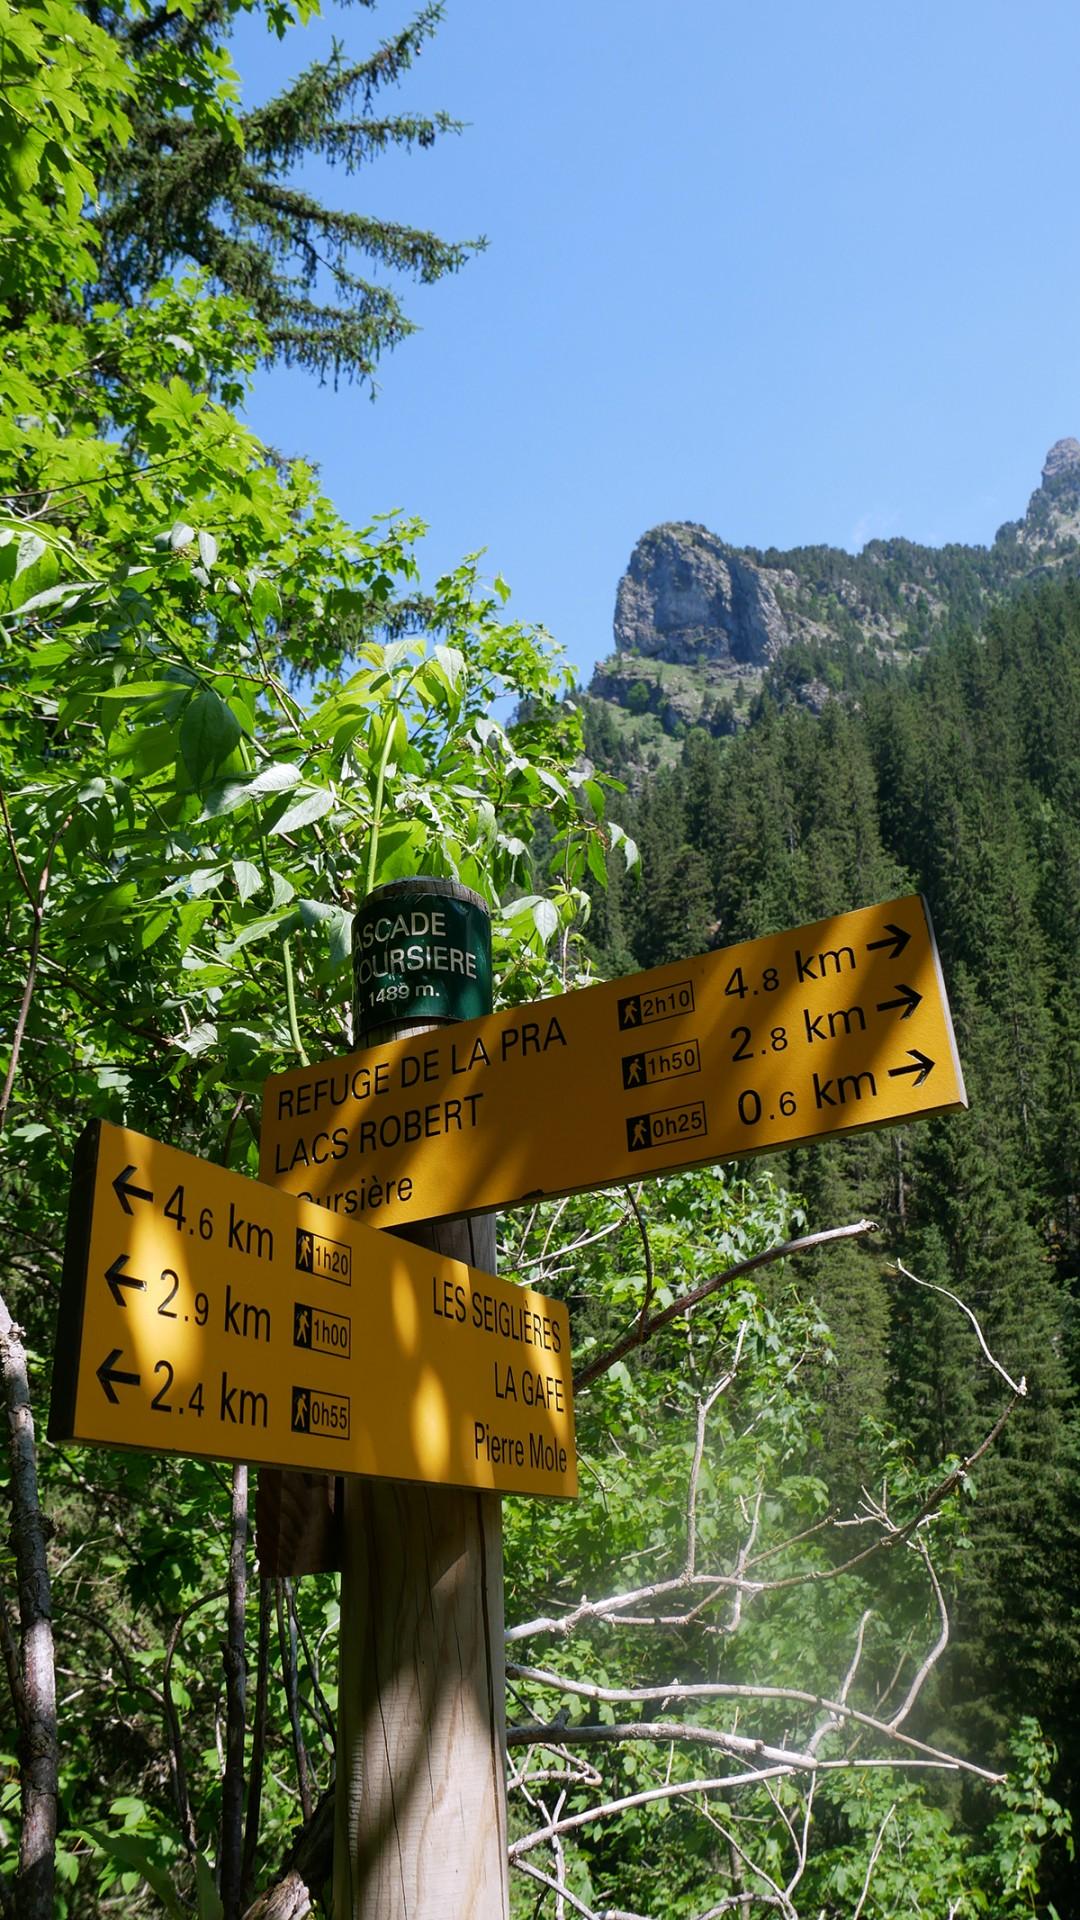 Chamrousse panneau sentier rando cascade de l'Oursière station montagne été isère alpes france